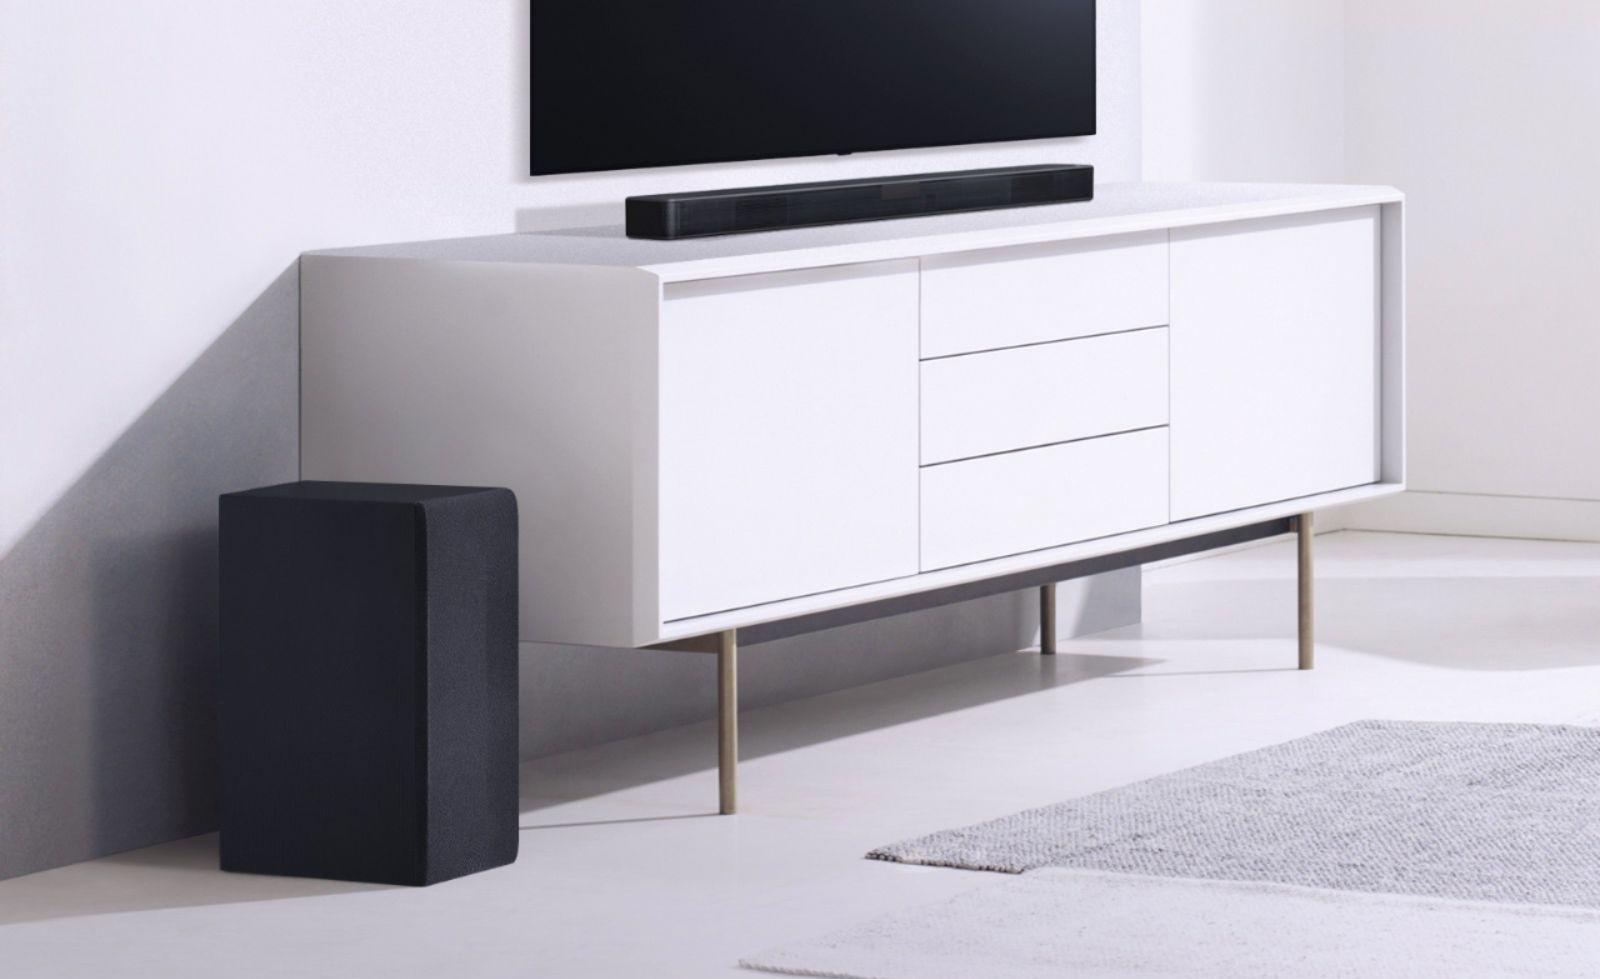 LG 2.1-Channel 300W Soundbar System